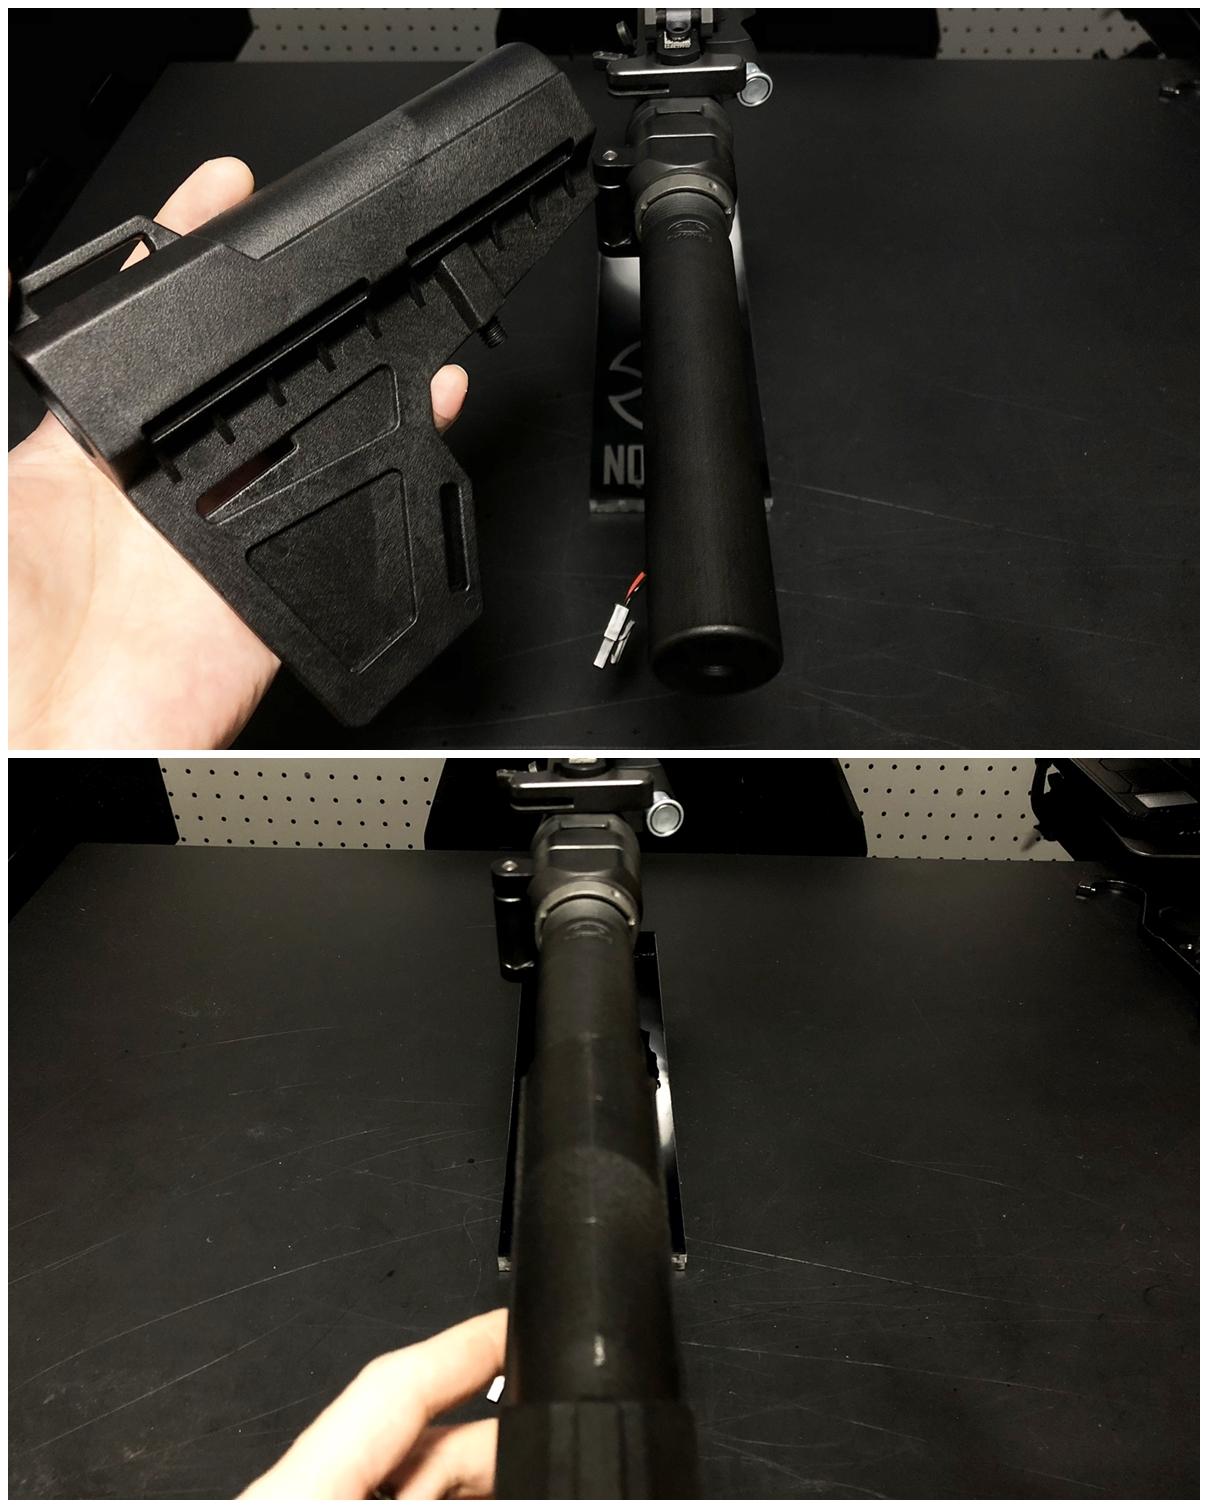 31 次世代 M4 CQB-R 電動ガン 実物 KAK SHOCKWAVE BLADE PISTOL AR-15 ストック 取付 改造 カスタム 大作戦 第7弾完結!! 最終 組み立て作業 & 初速 調整!! 実銃 ストックパイプ AR フォールディング 取付 リコイル